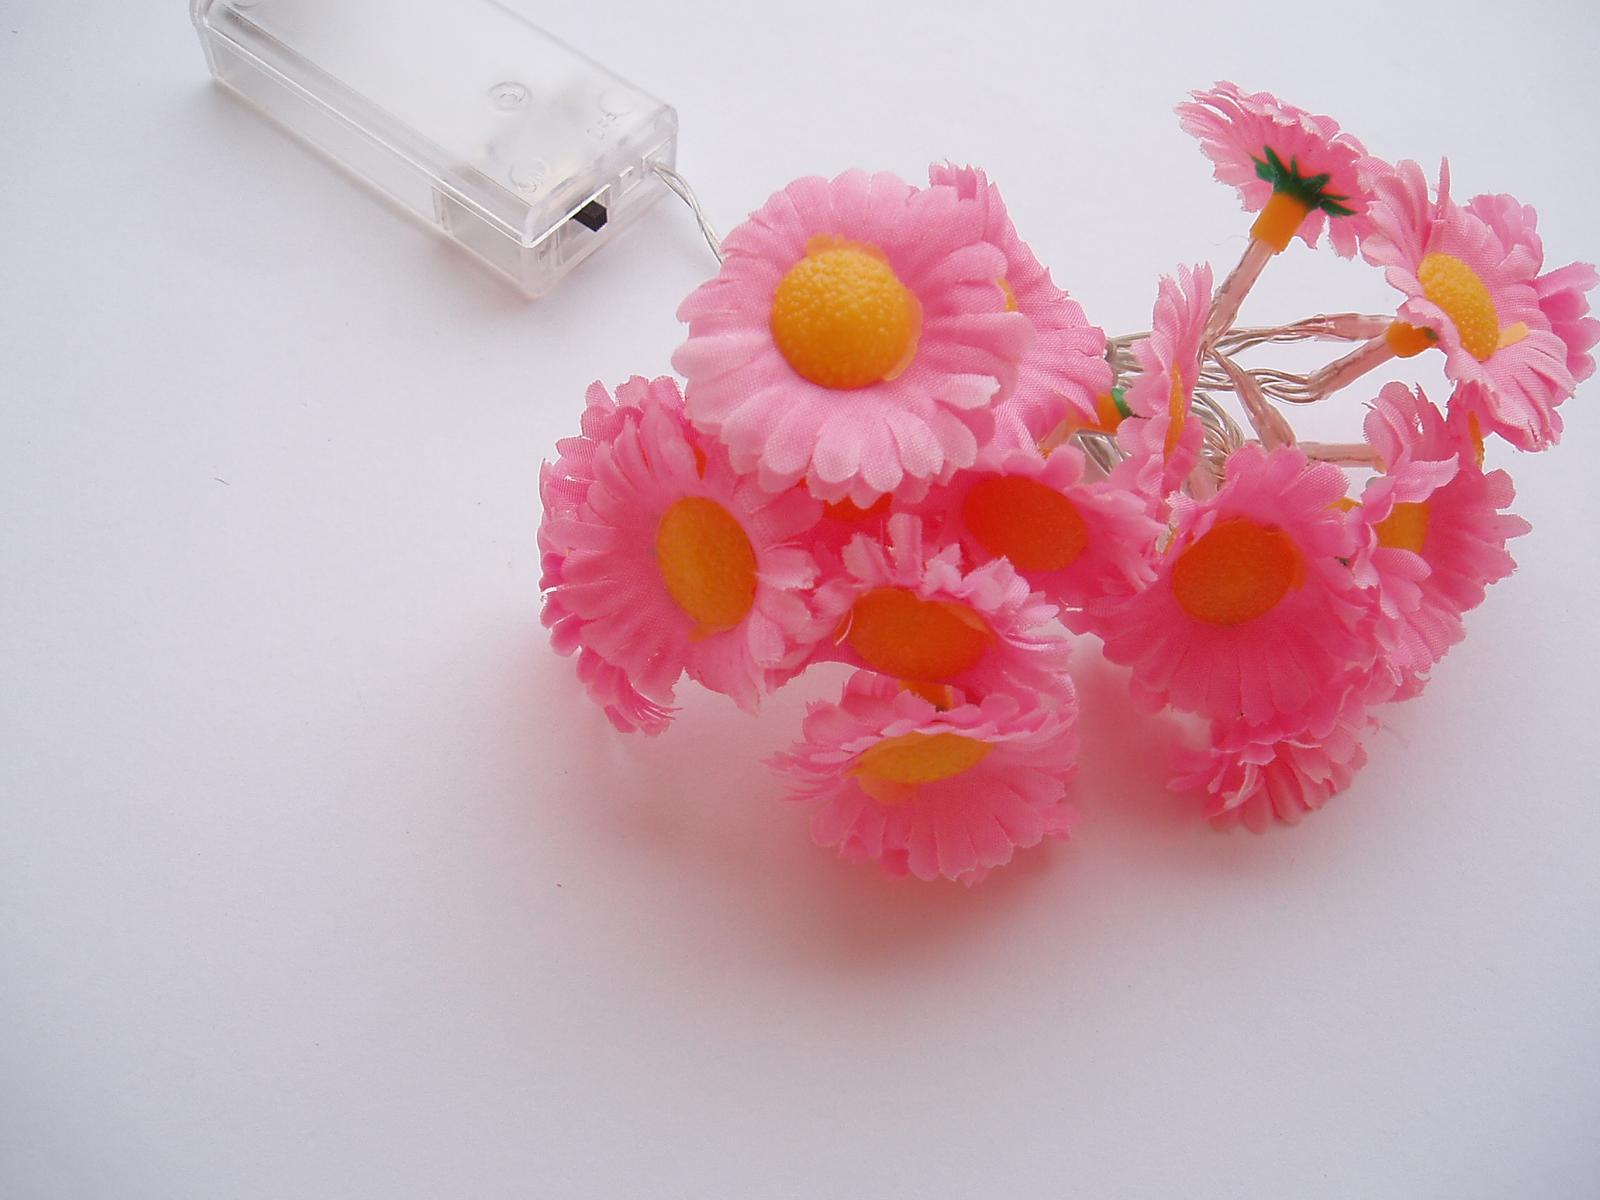 květinová světelná girlanda - Obrázek č. 1